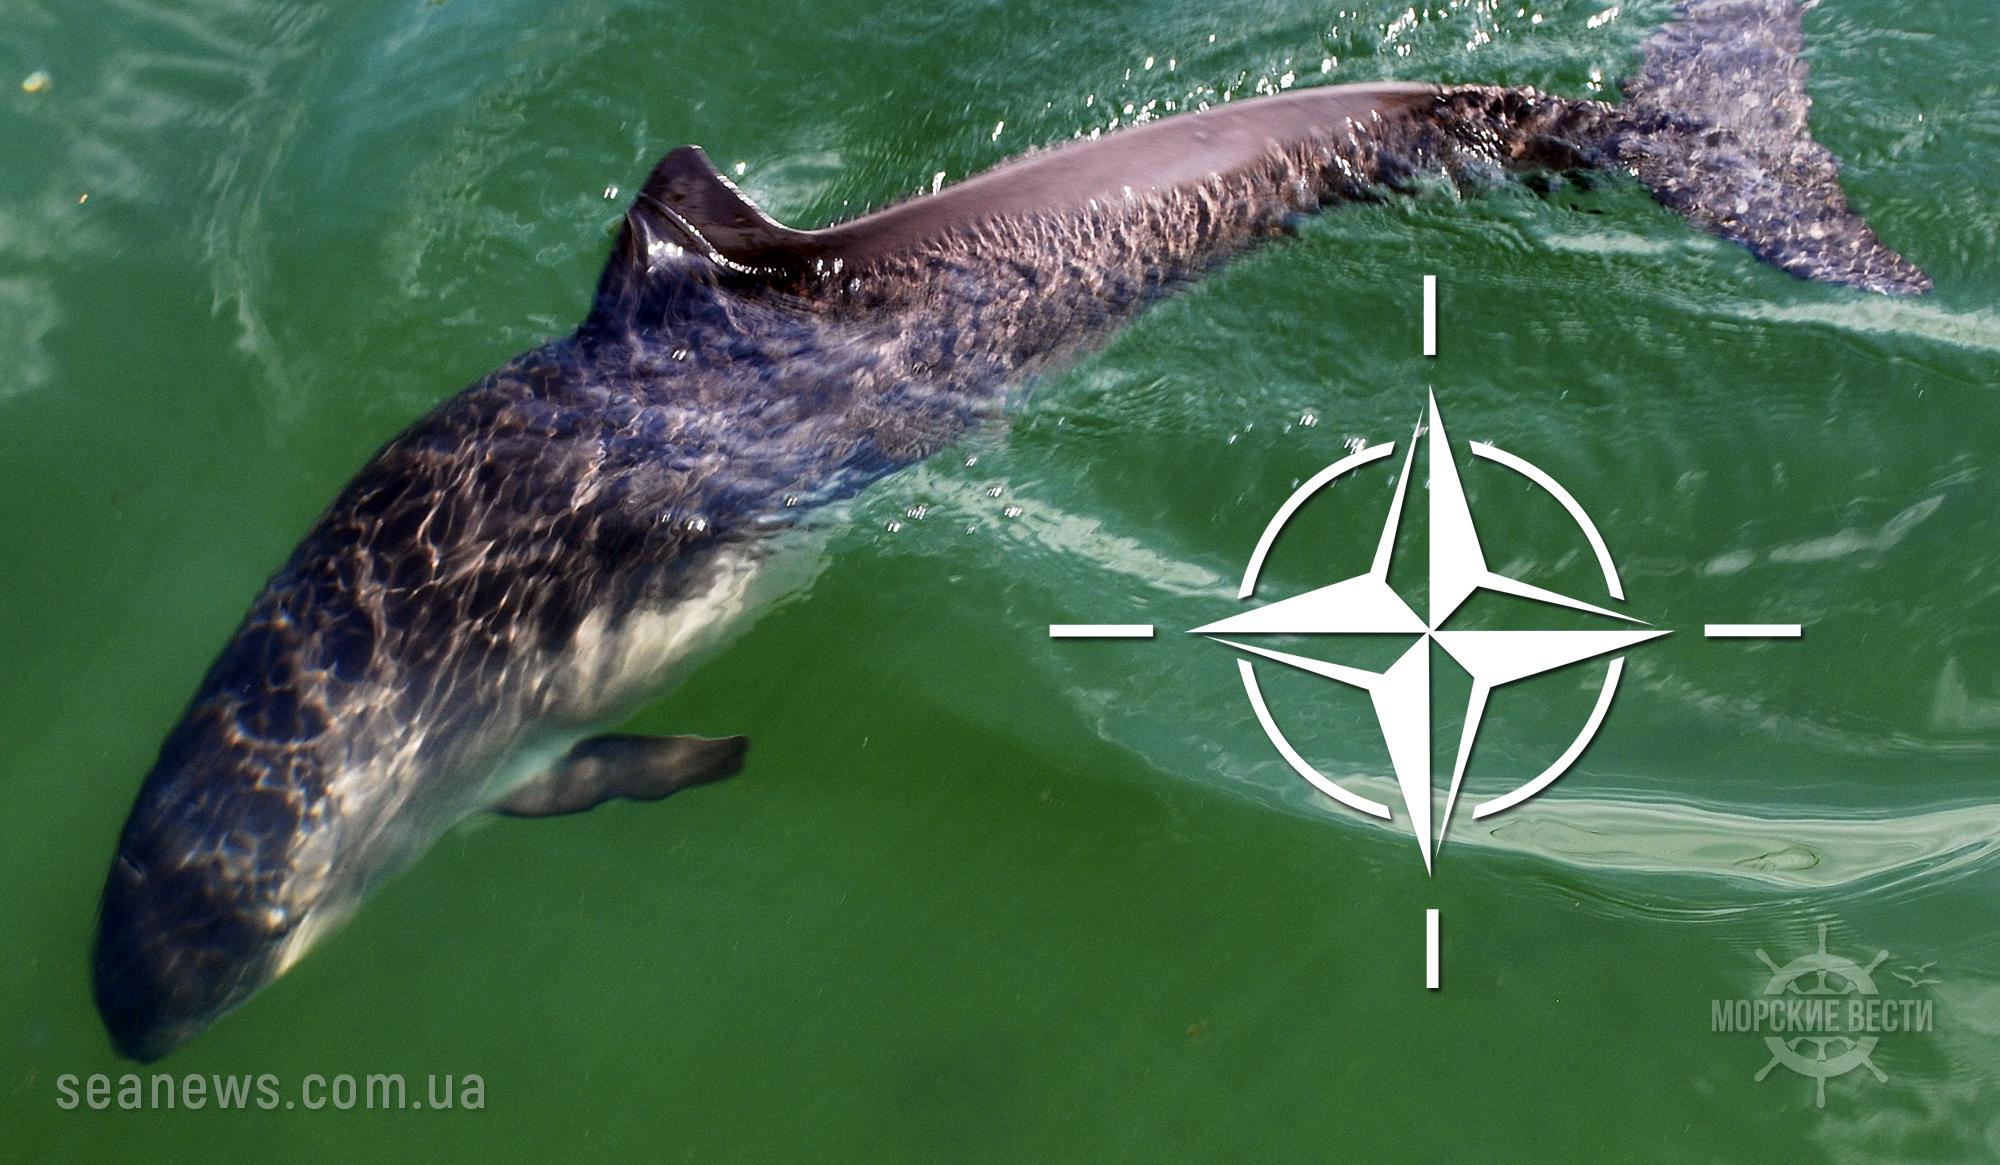 НАТО обвинили в массовом уничтожении морских свиней